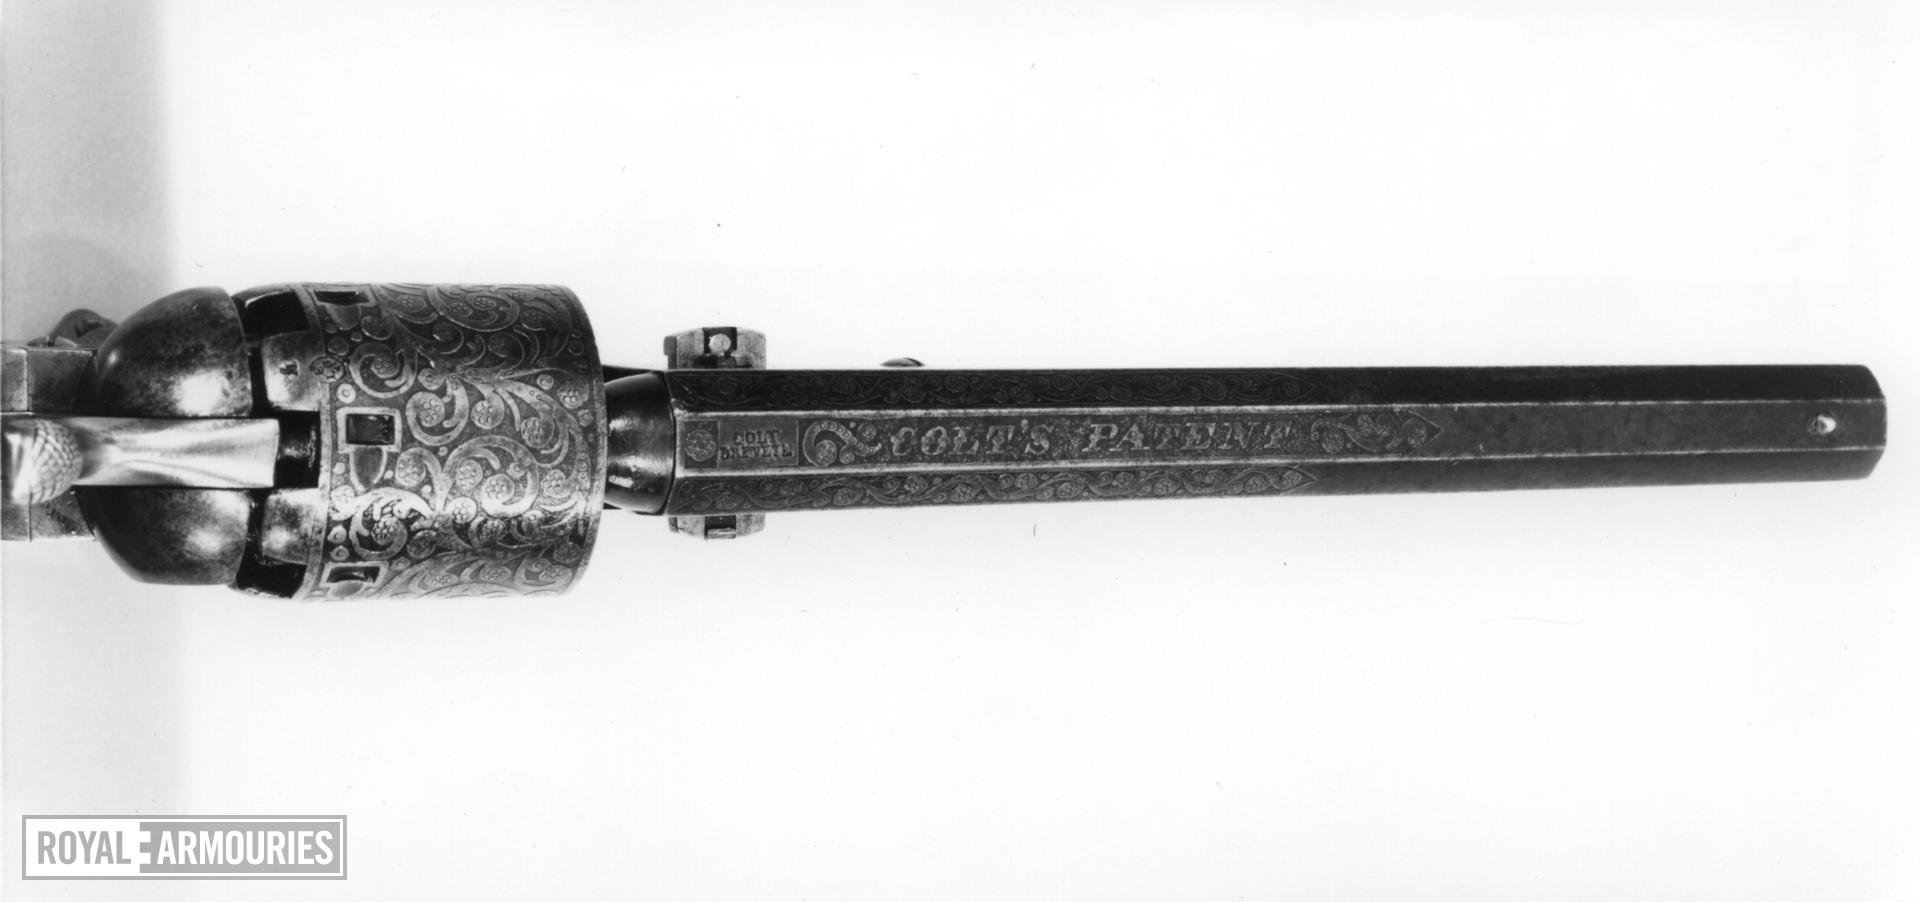 Percussion six-shot revolver - Colt Navy Model 1851 copy